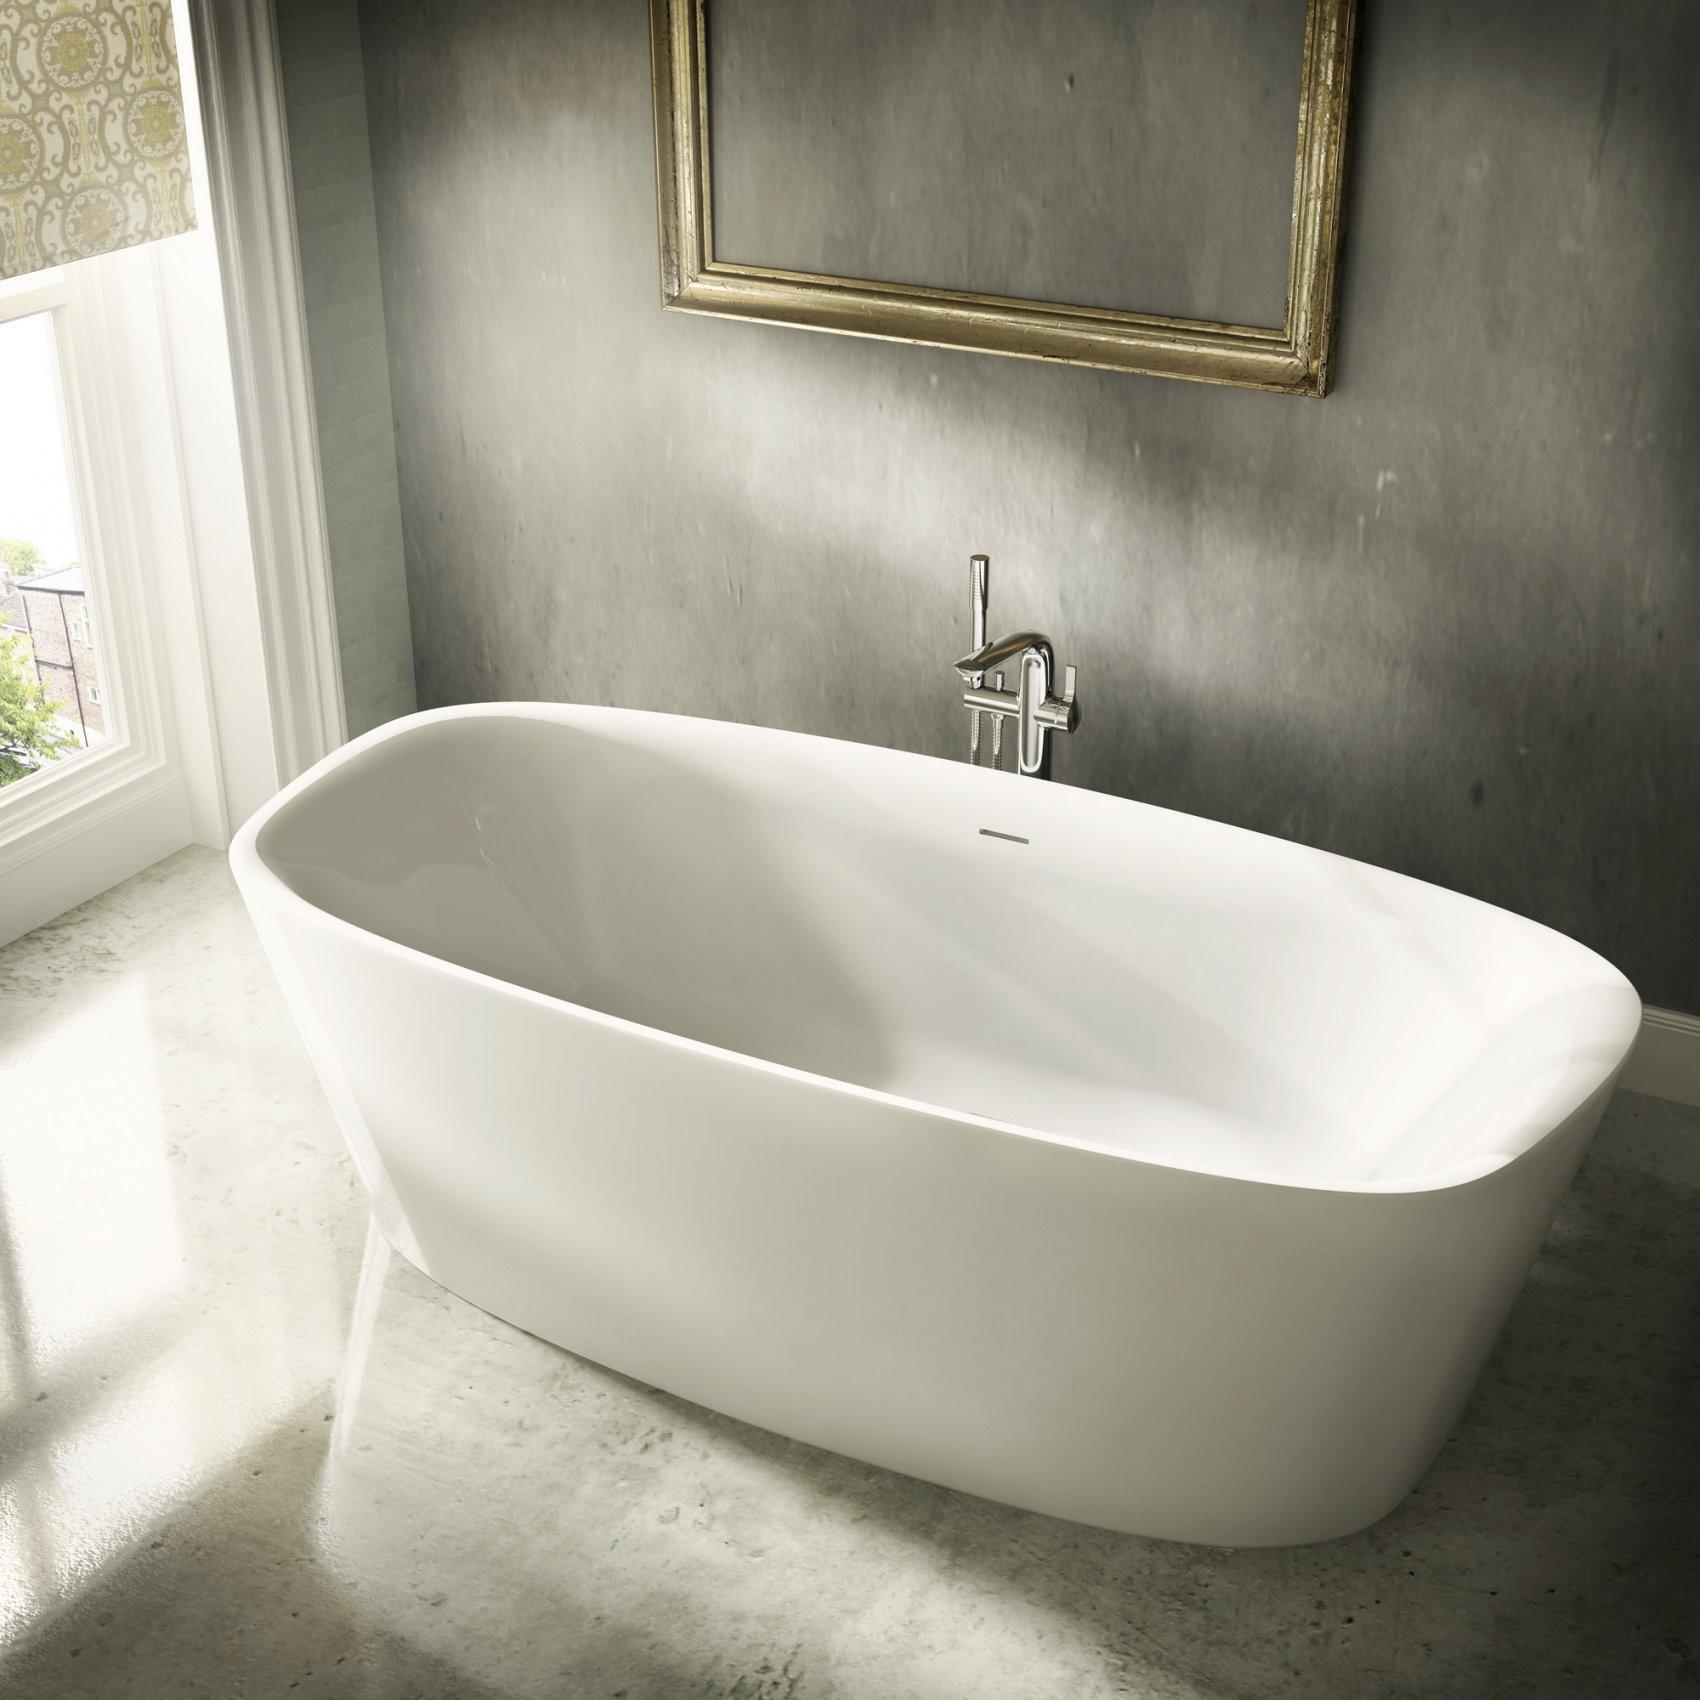 Ideal Standard  Produkt Übersicht von Ideal Standard Freistehende Badewanne Photo